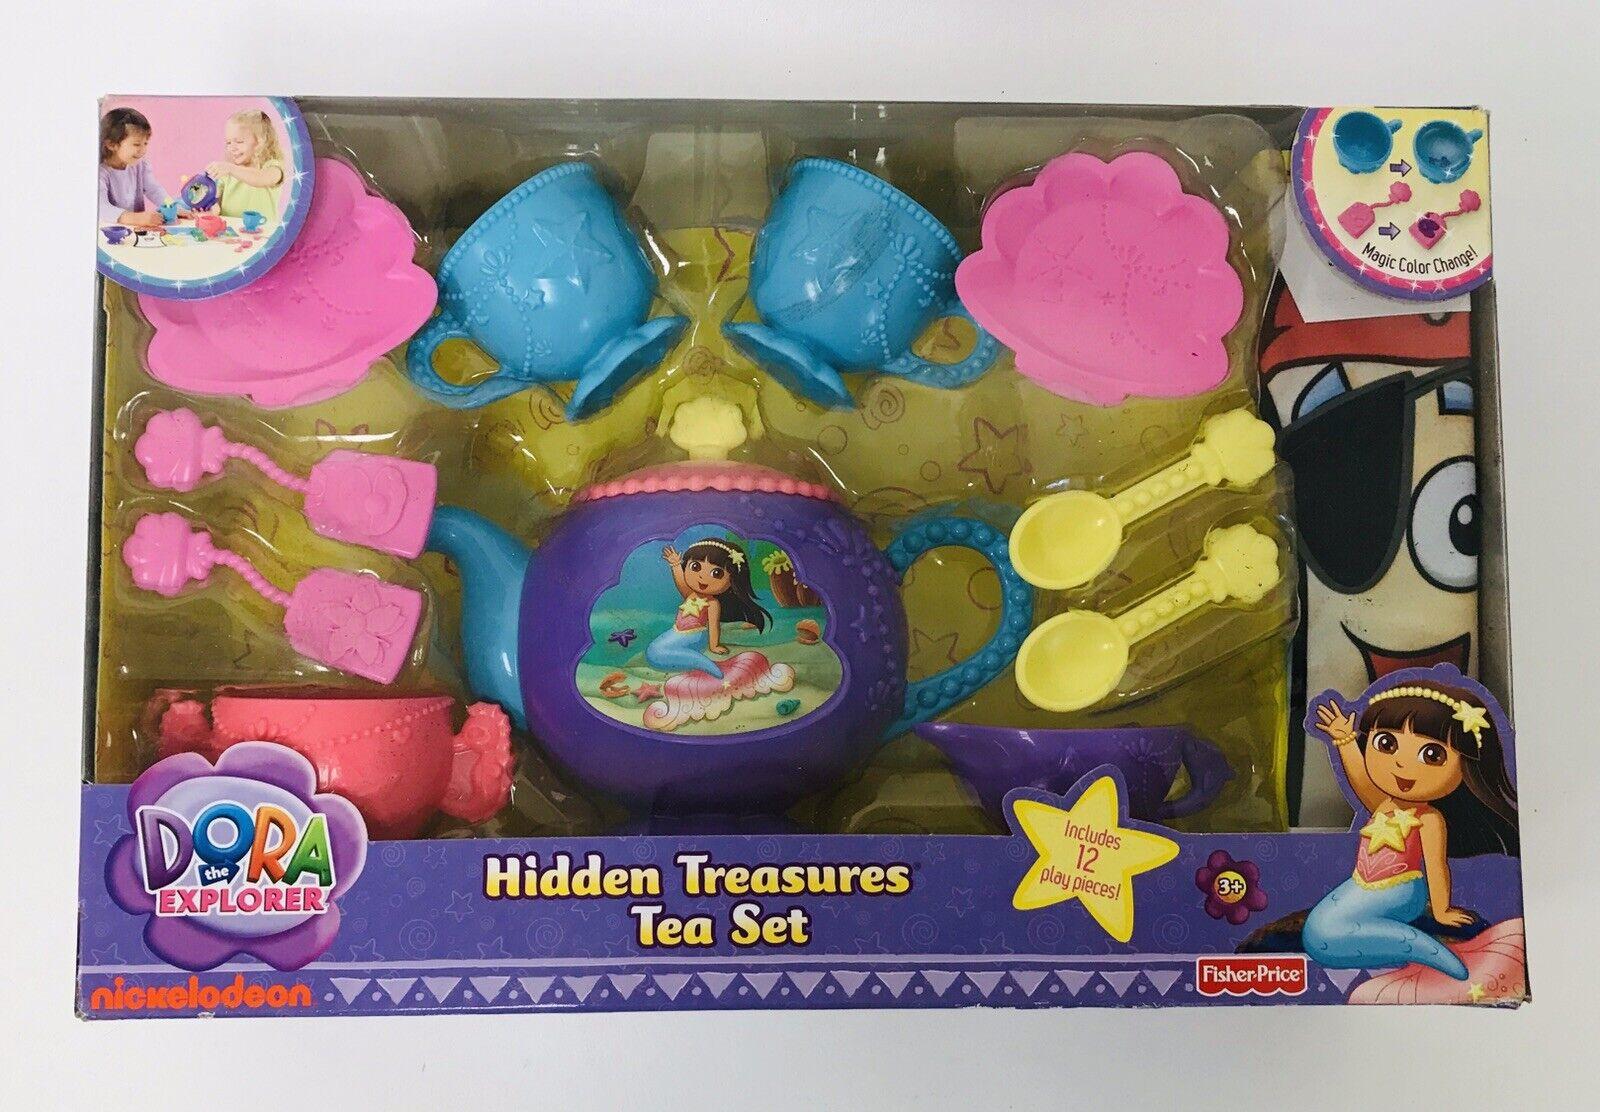 2011 Fisher Price Dora The Explorer Hidden Treasures Tea Set NEW